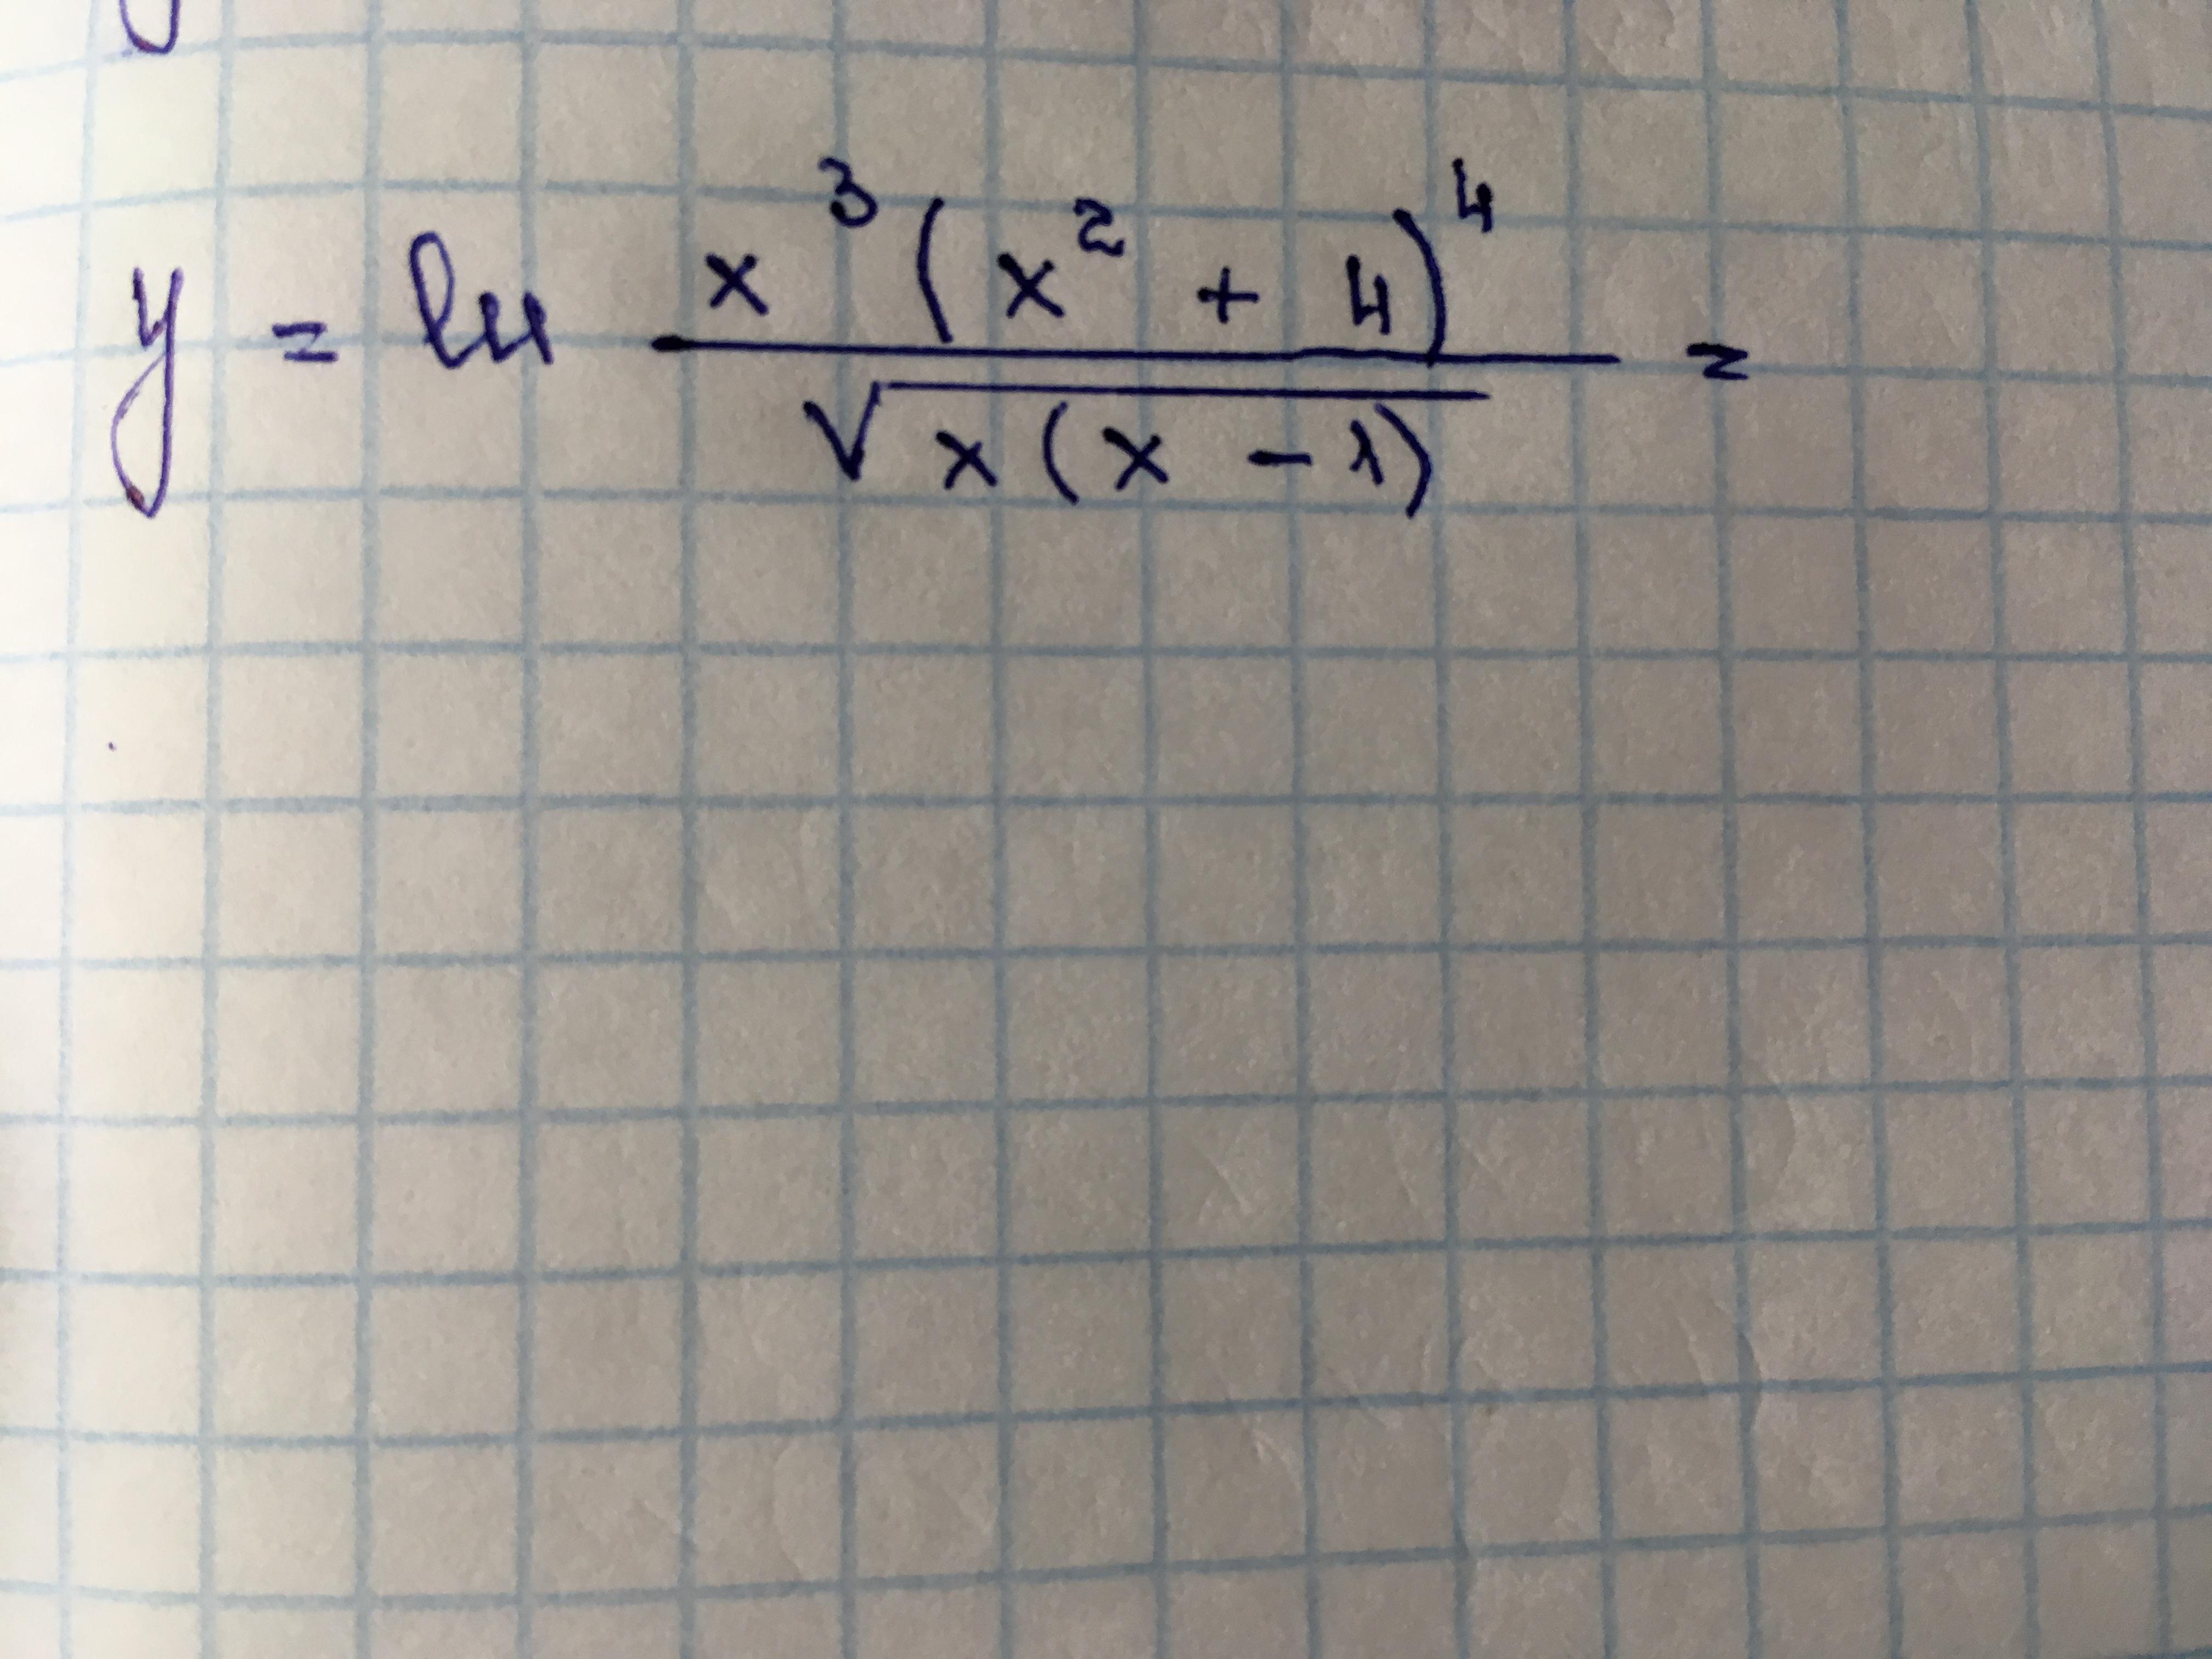 Помогите найти производную функции